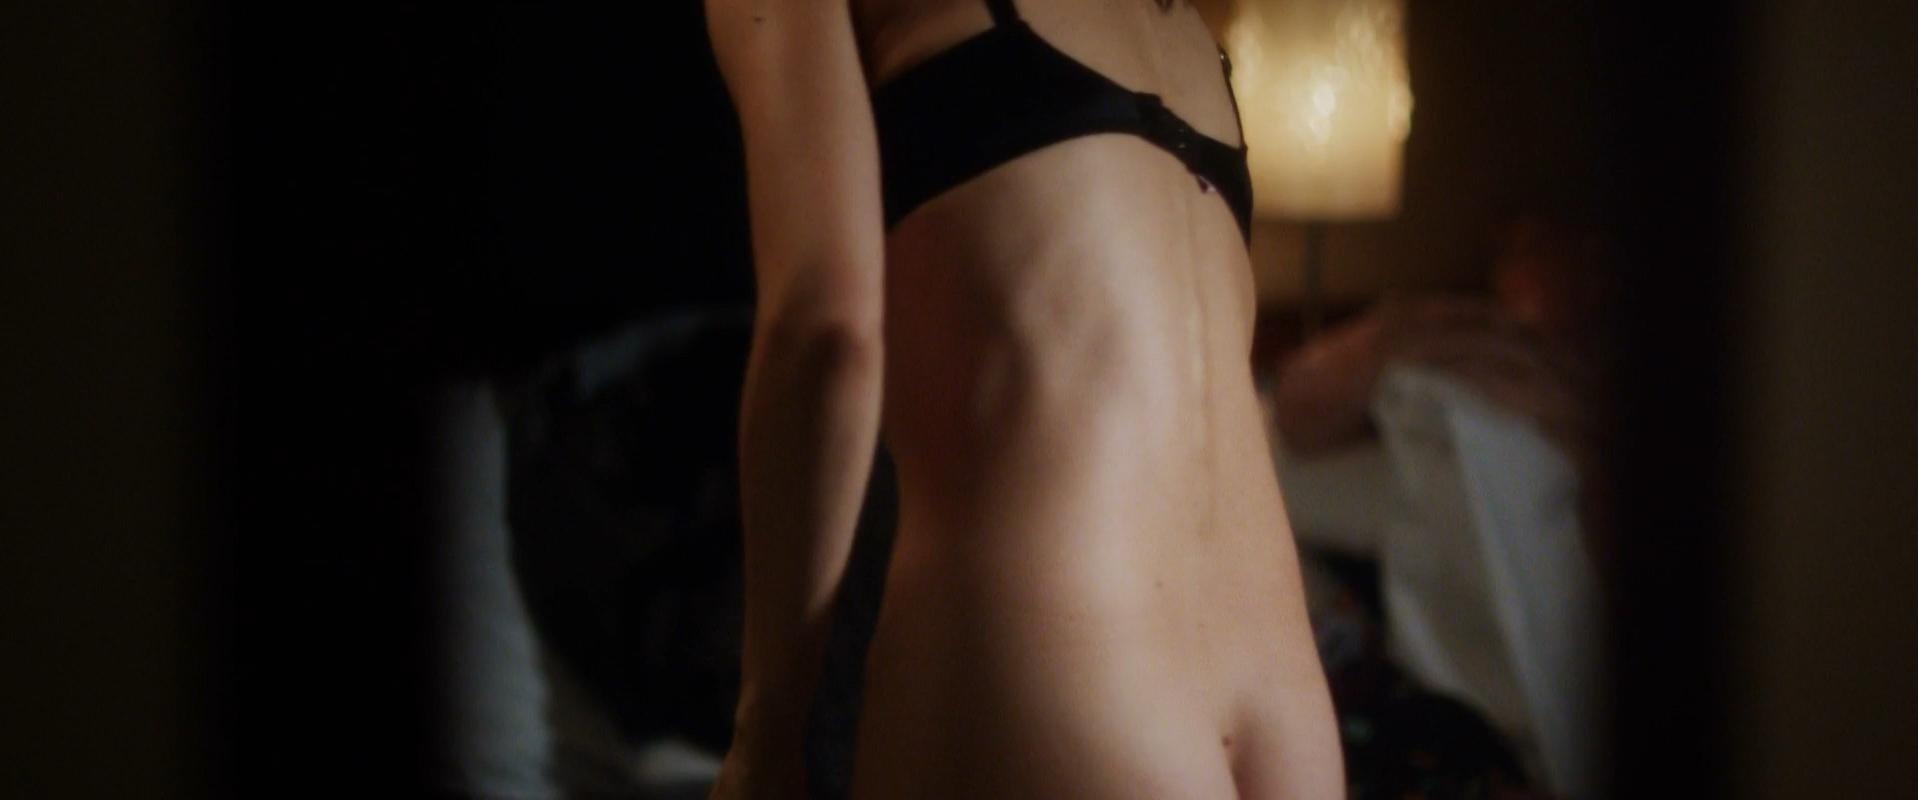 Elena Anaya nude, Allison McKenzie nude - Swung (2015)